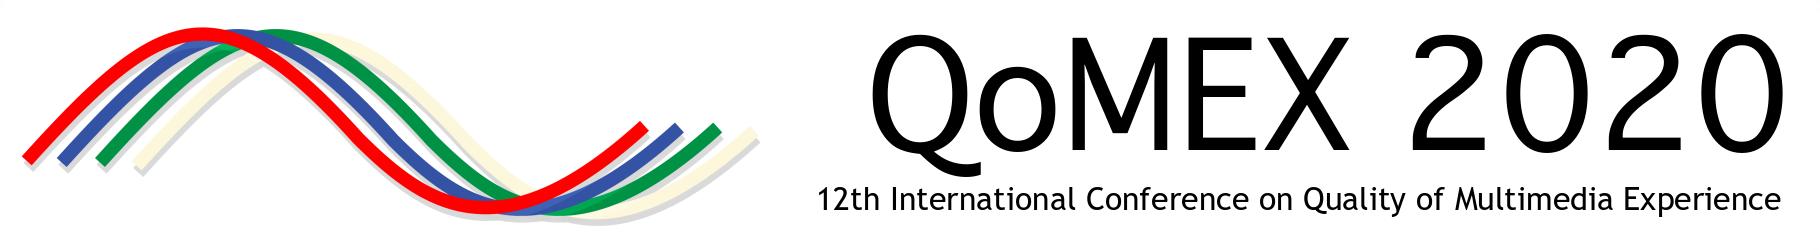 QoMEX 2020